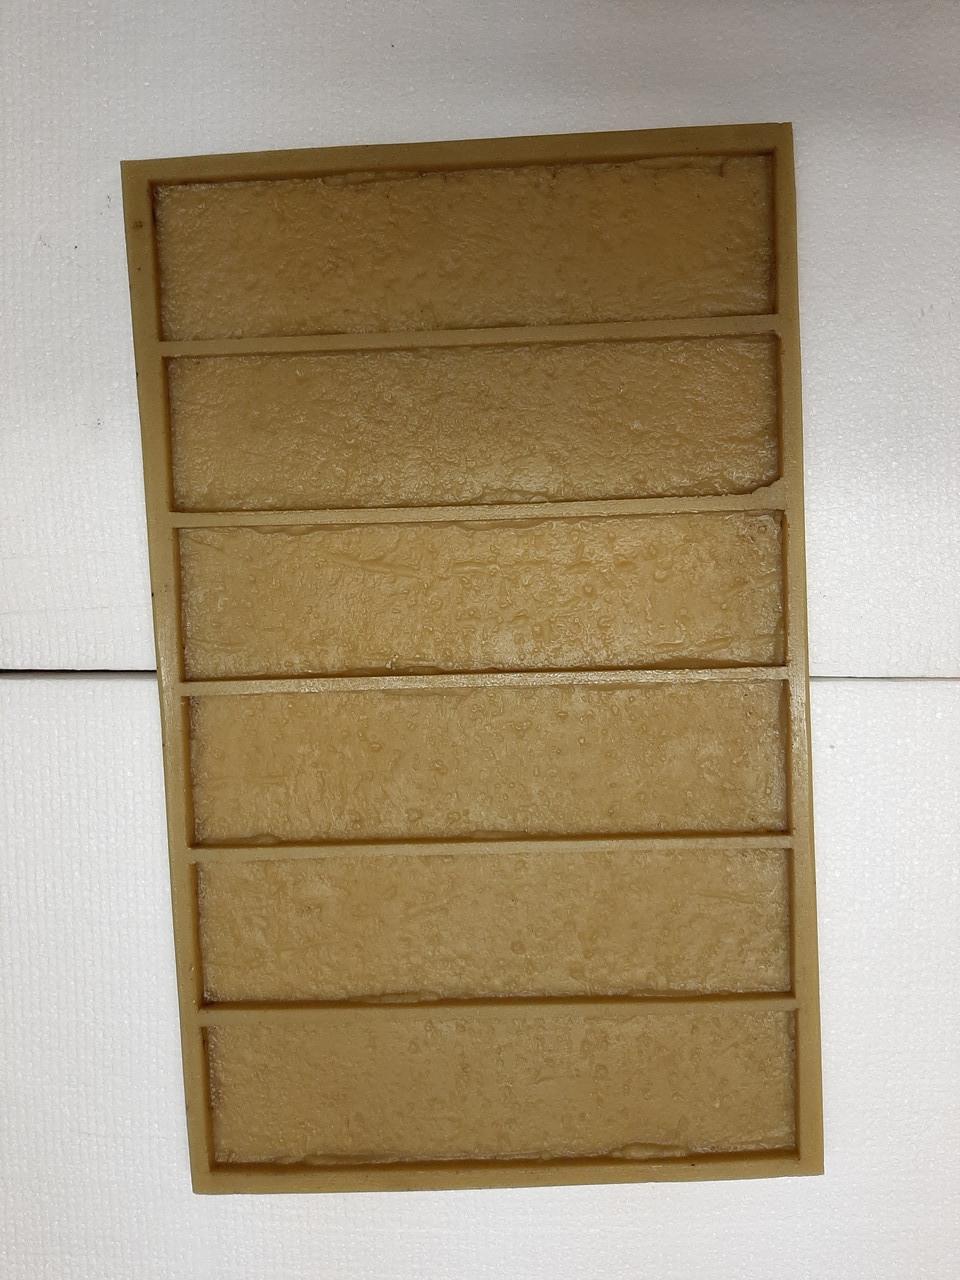 Полиуретановые силиконовые формы для плитки под кирпич Дортмунд лофт